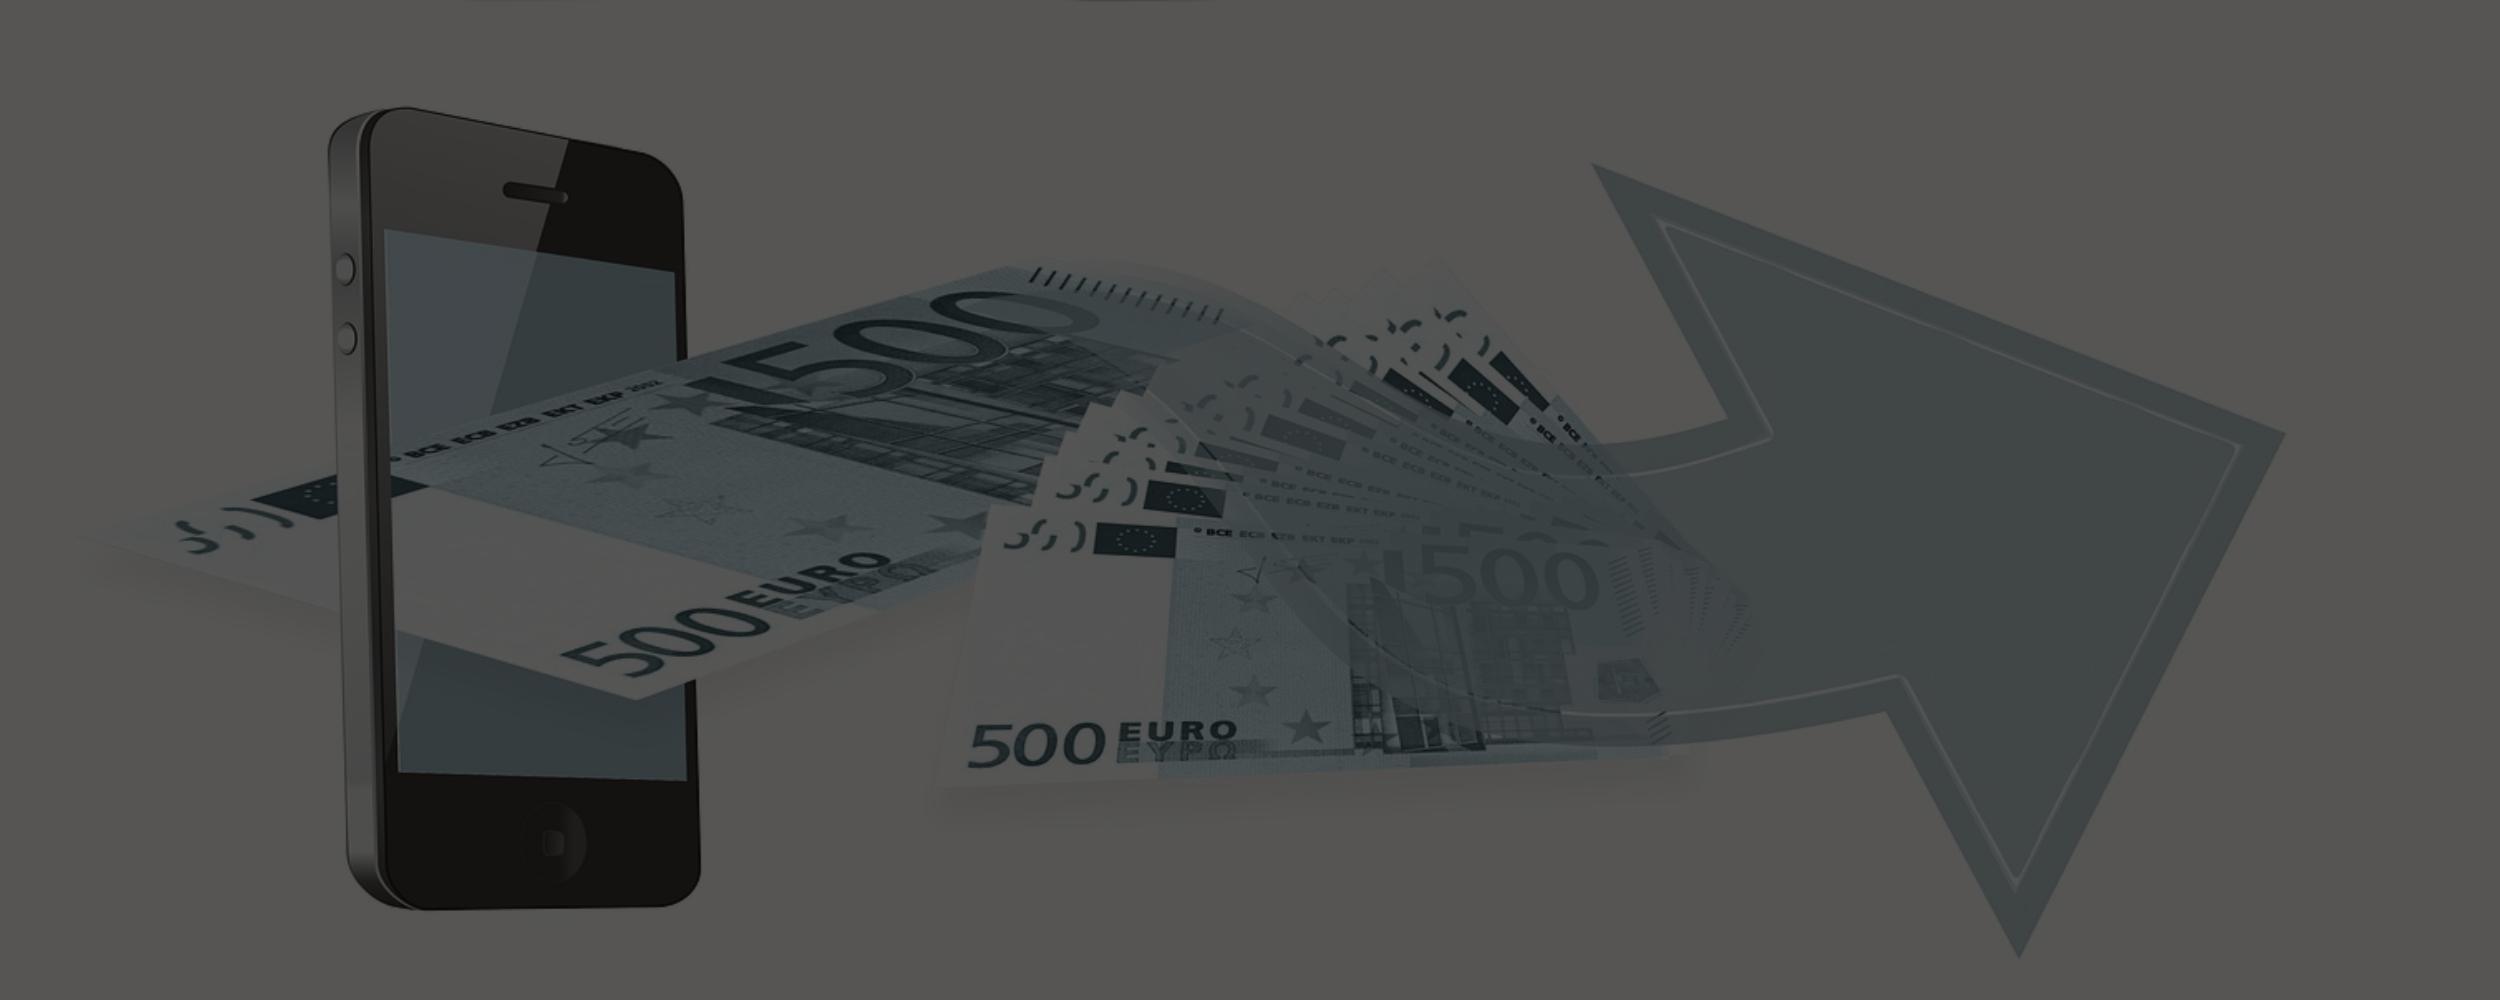 Más del 70% de los consumidores no ha recibido información sobre la doble autenticación en los pagos online